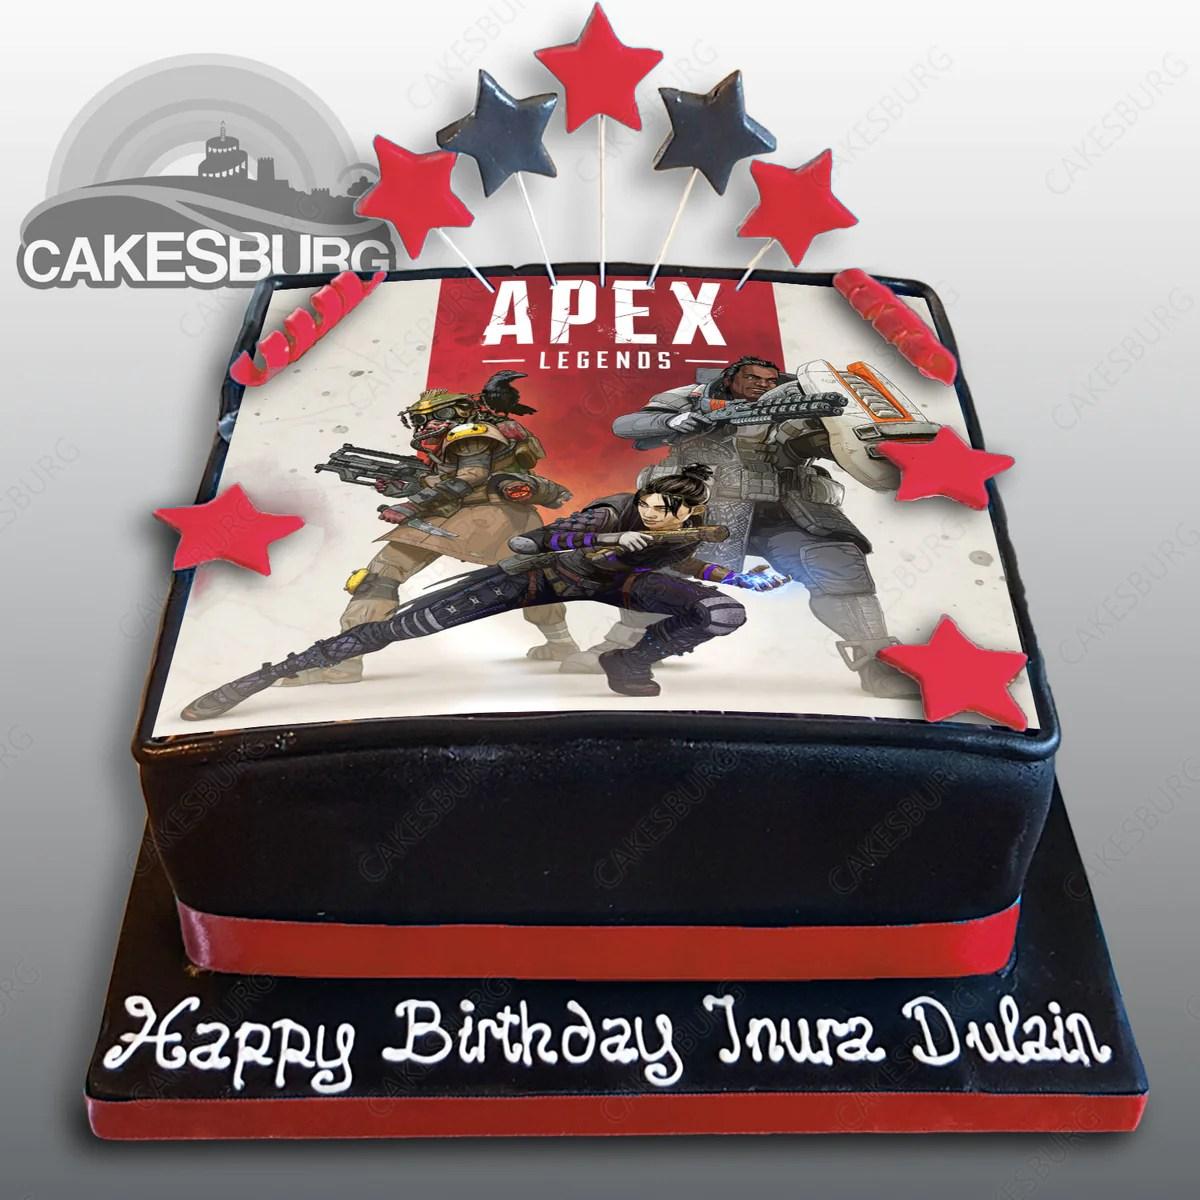 Apex Legends Cake Cakesburg